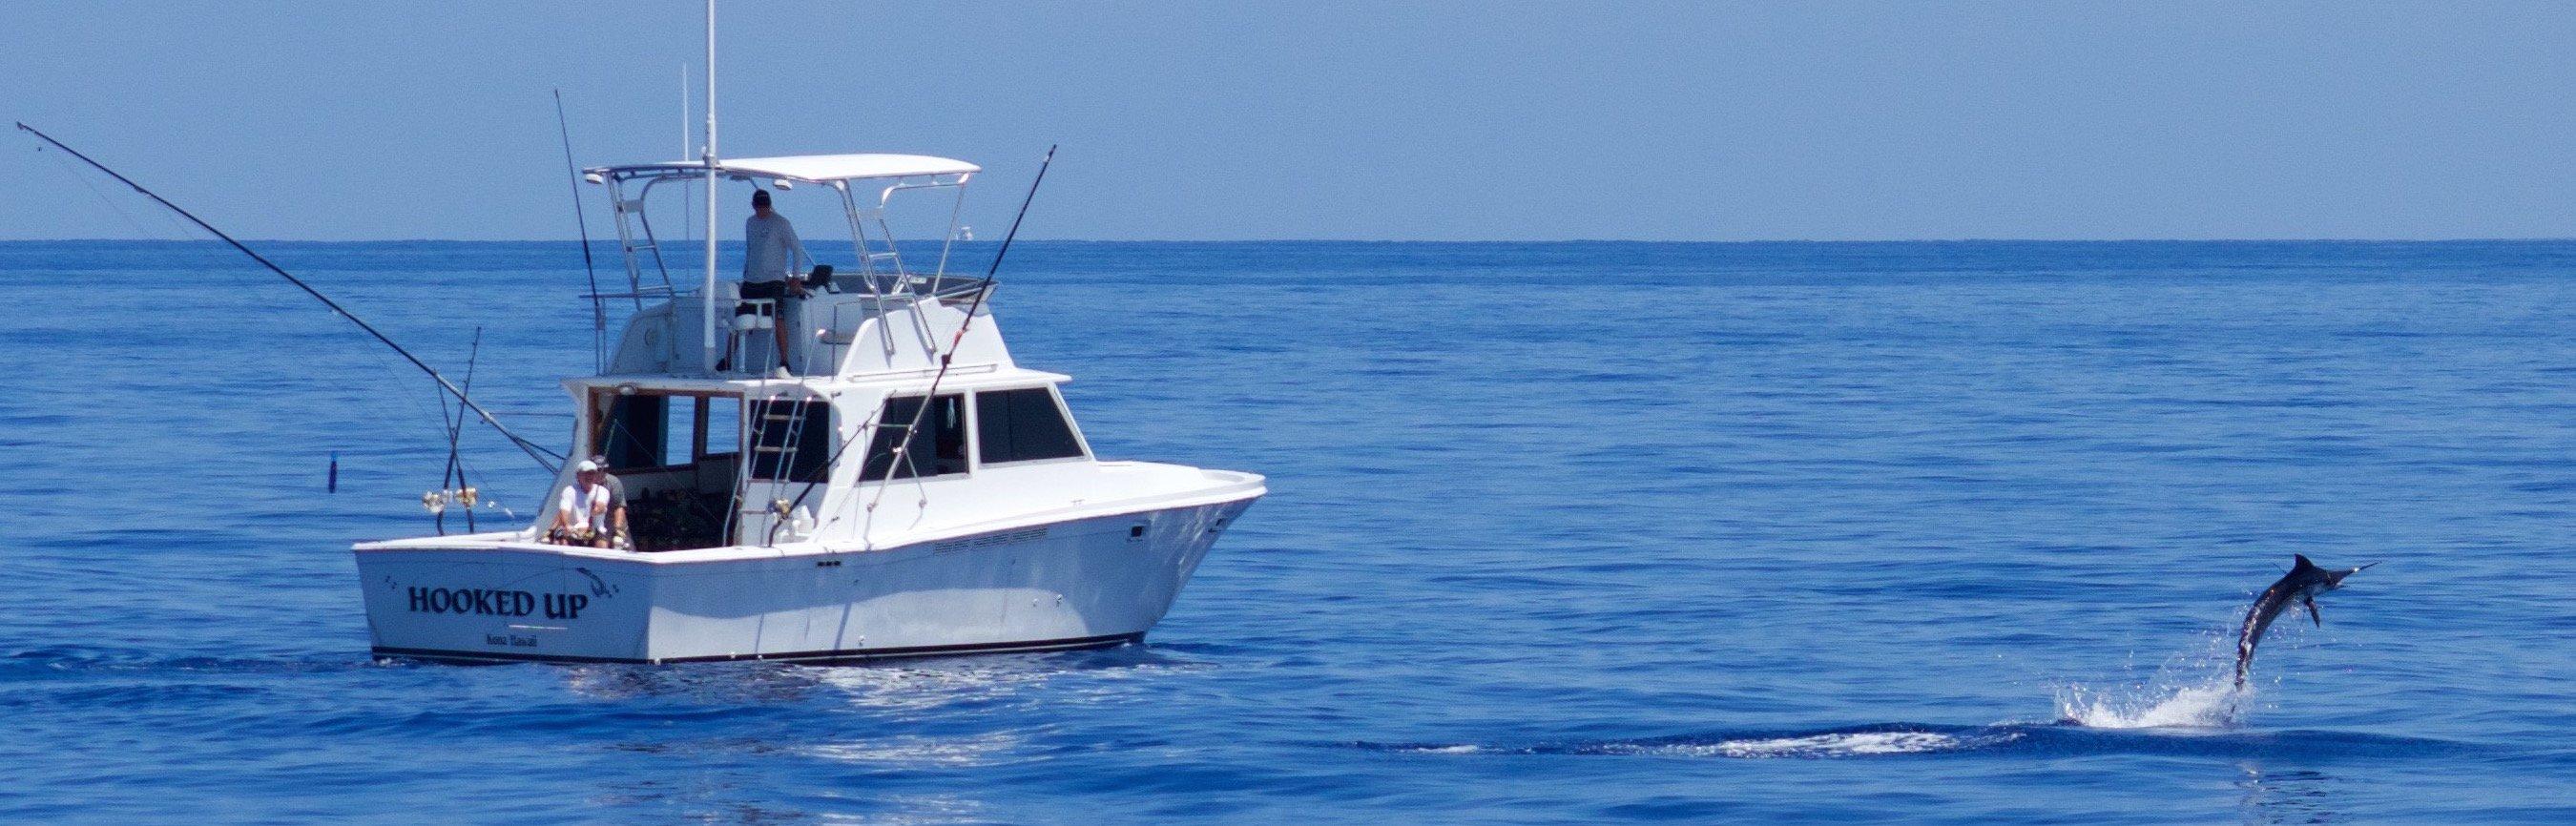 Marlin Hook up bons sites de rencontres des titres